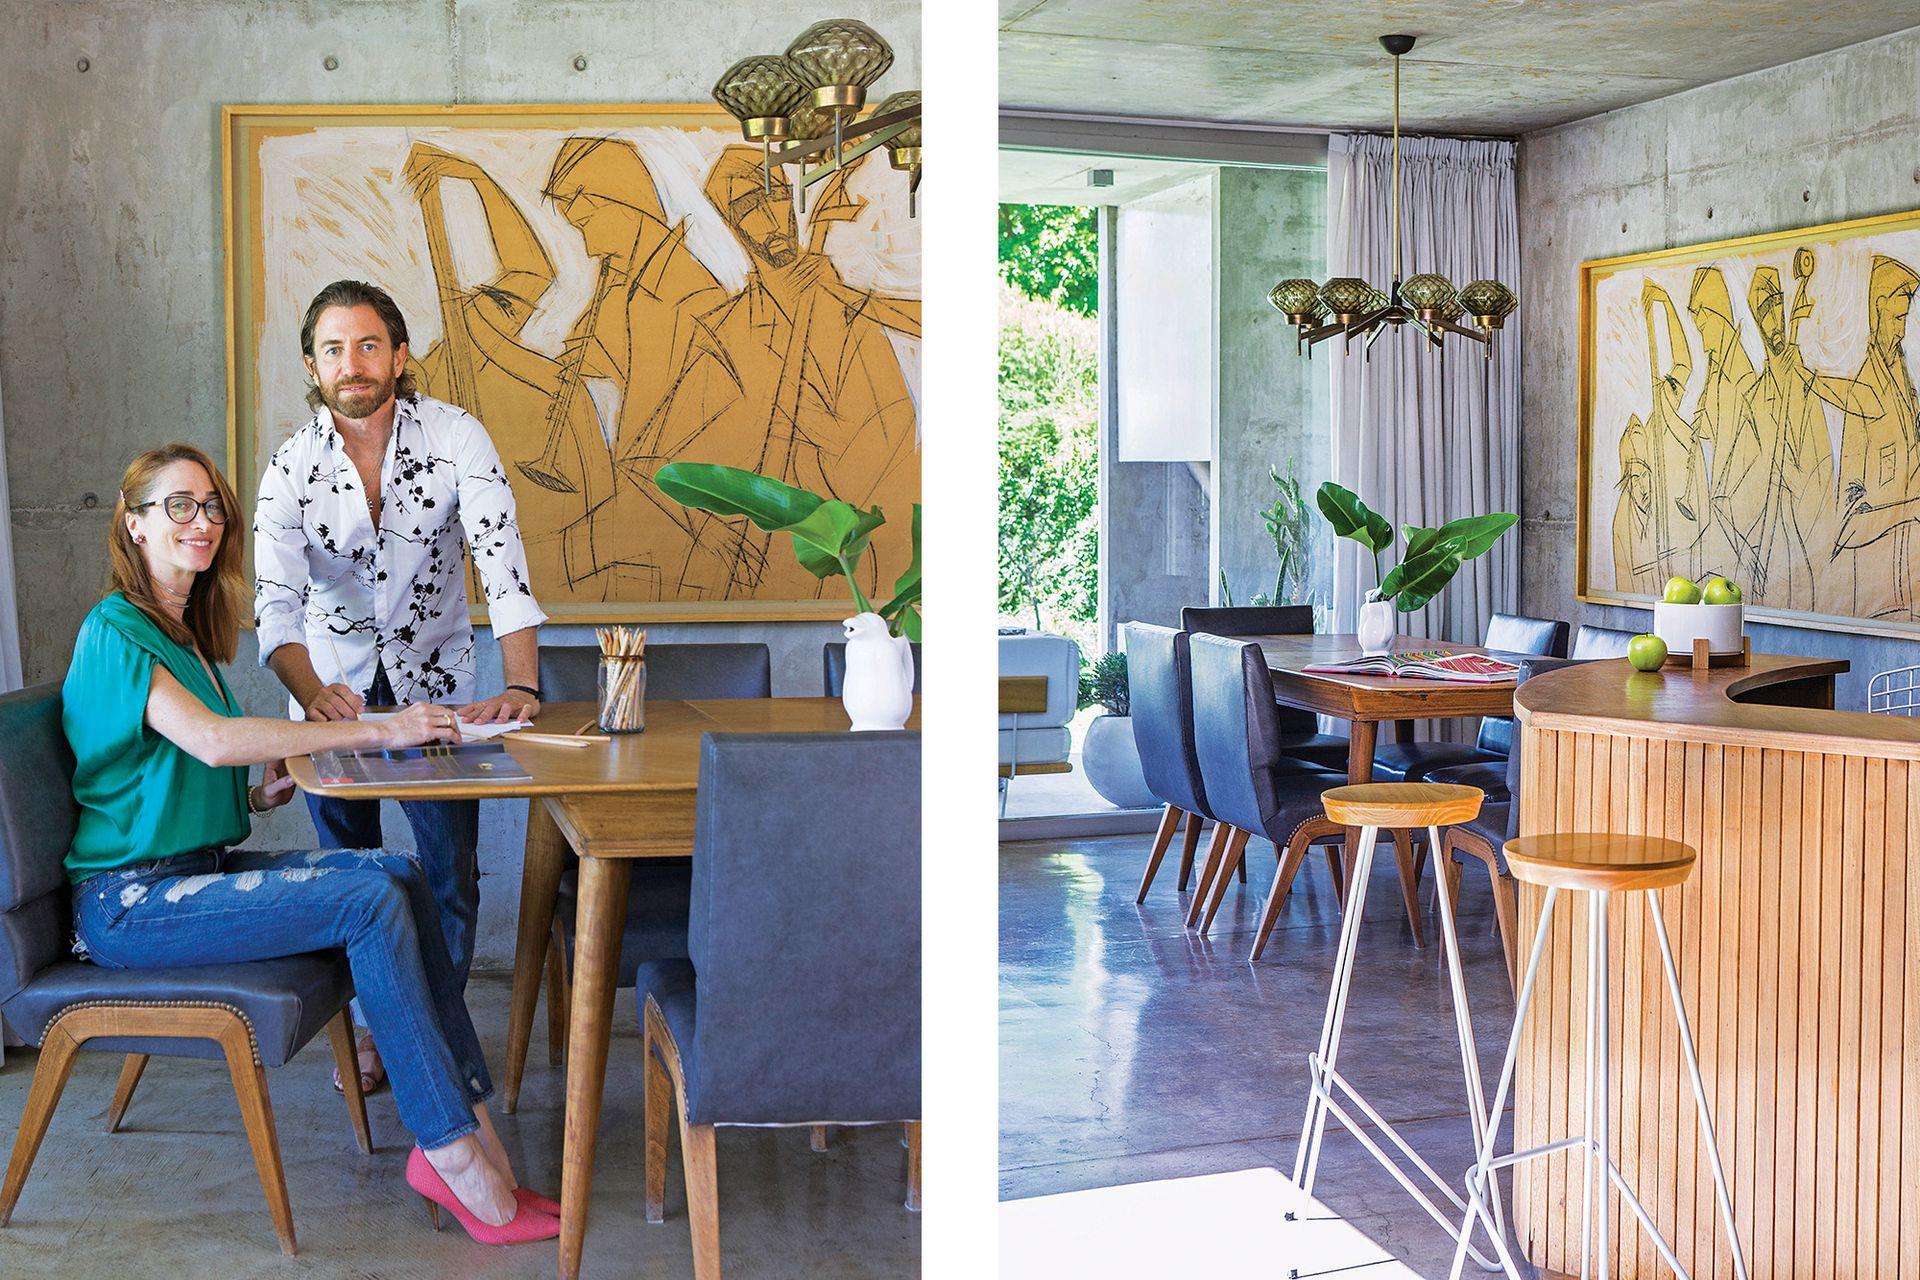 El juego de comedor escandinavo (El Santiagueño) es original de los años 60. Lámpara con tulipas de vidrio (Raresh Home). Detrás, la obra que los dueños de casa le encargaron al artista Federico Bacher. En la foto, Guillermo Roman y Carolina Banas.